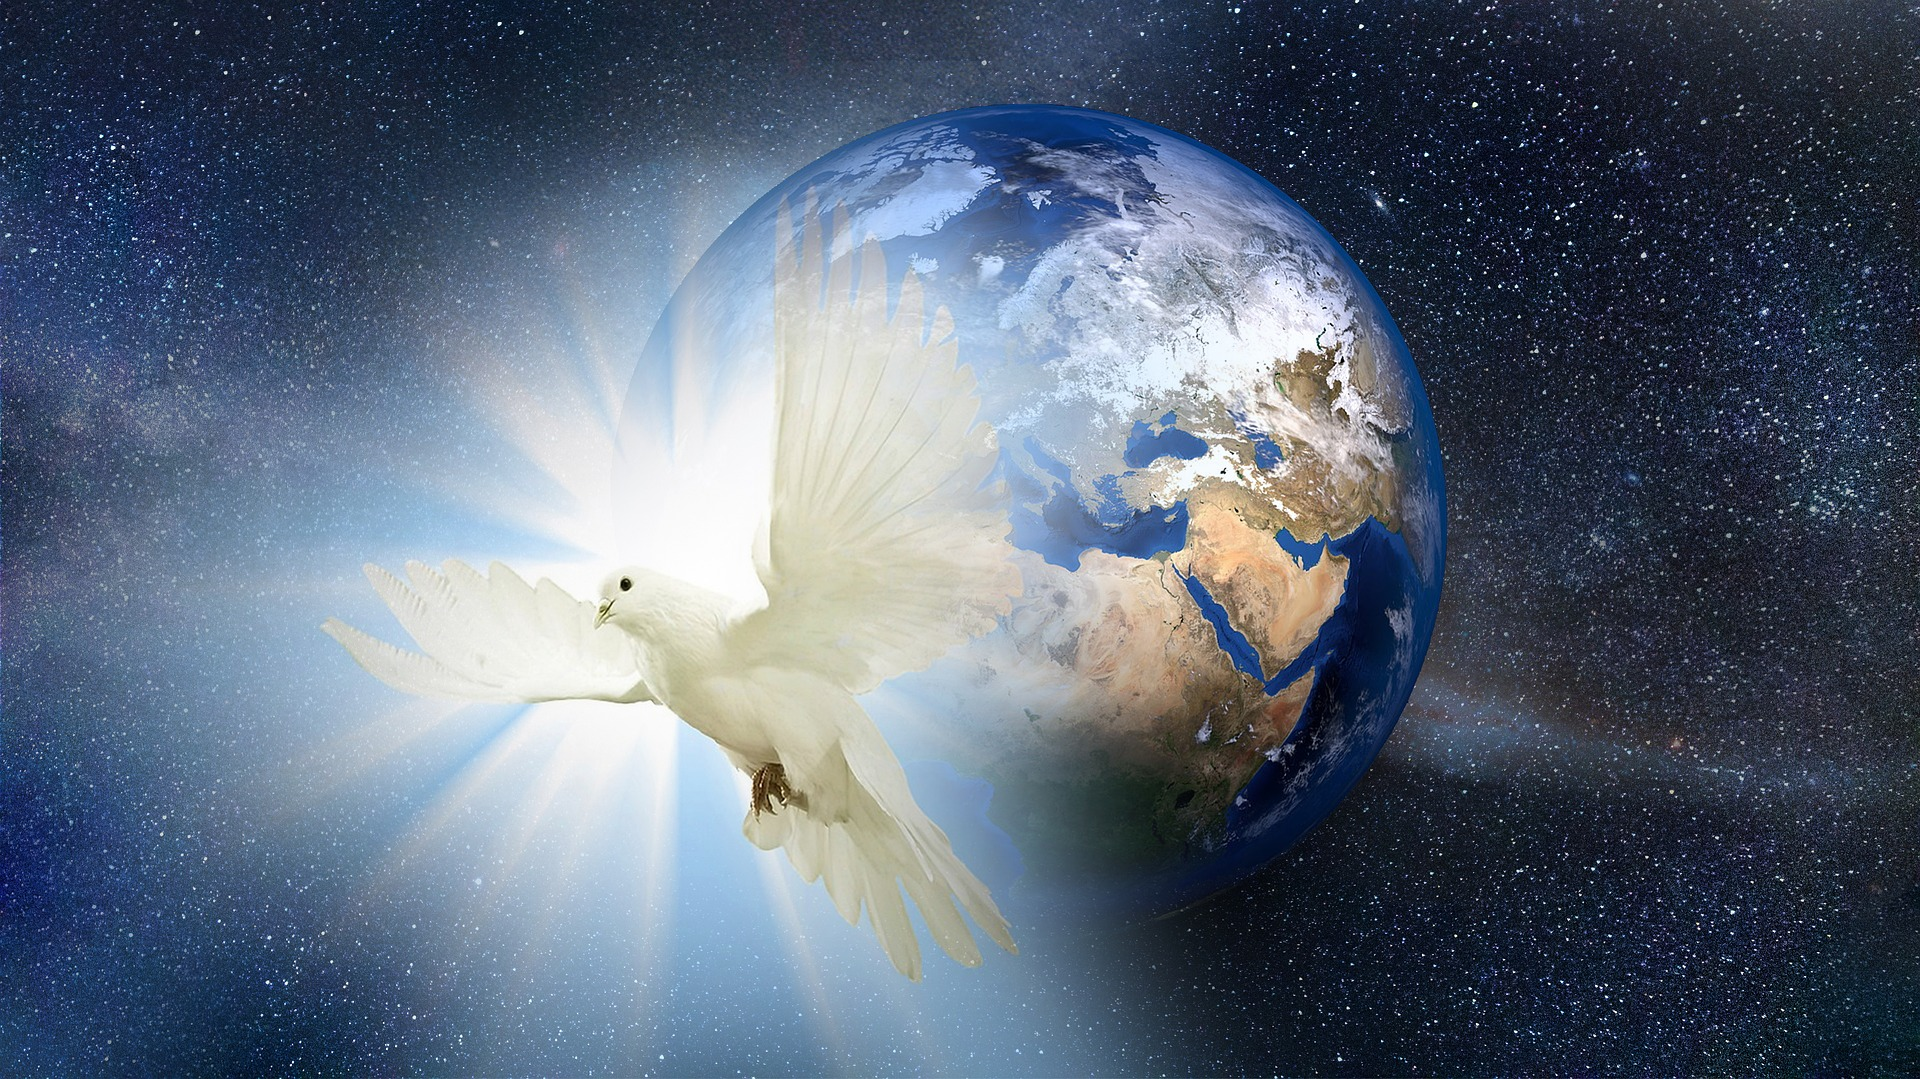 последнее время картинки про мир на земле балаклавы